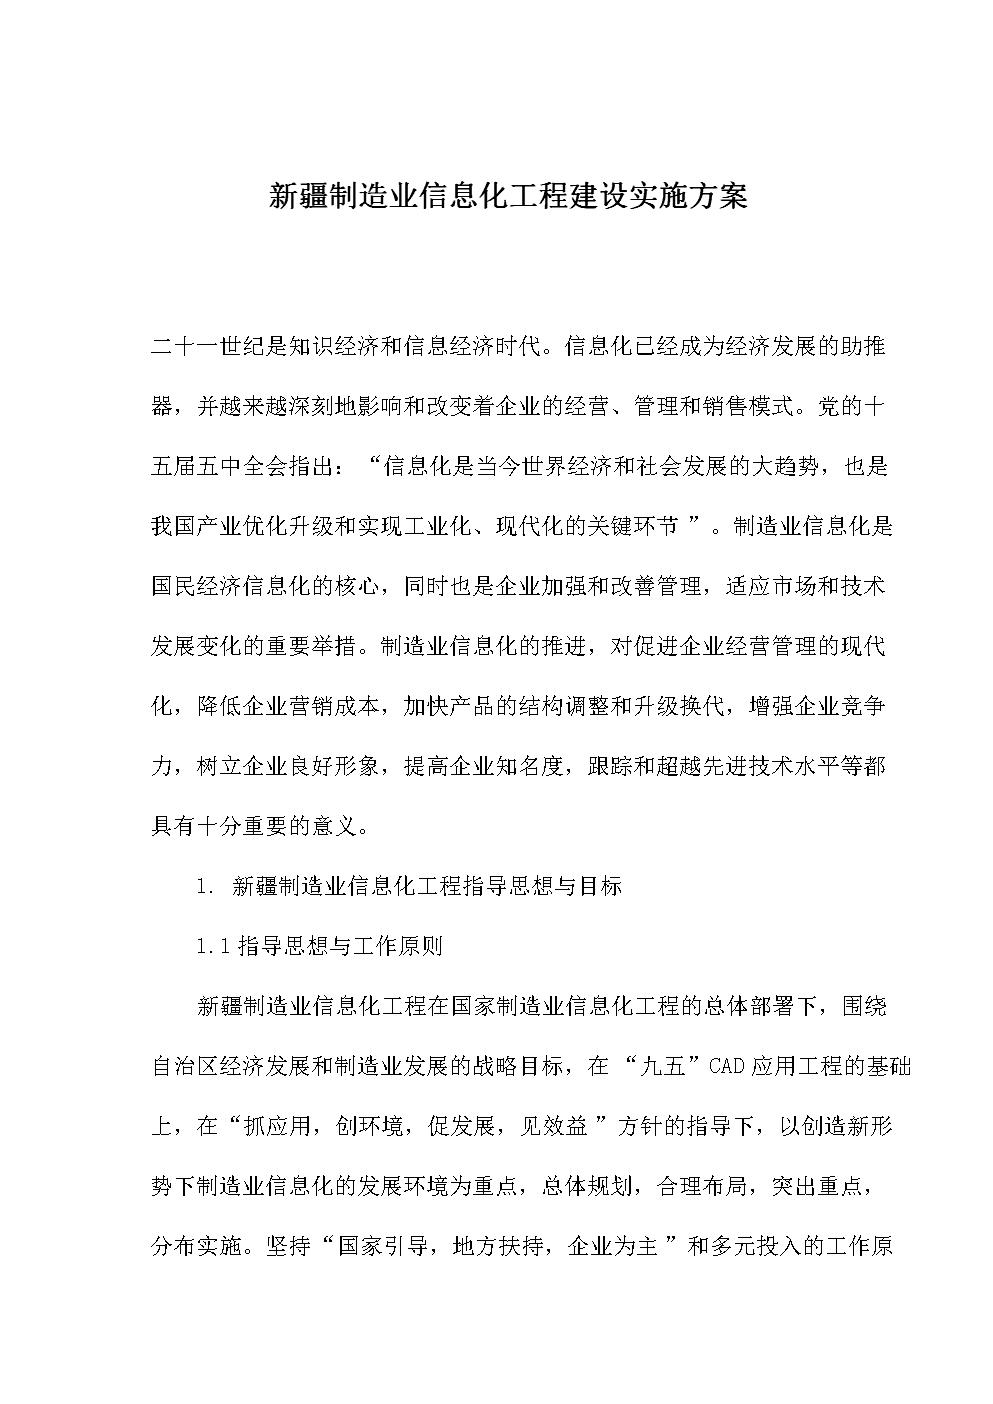 制造业信息化工程建设实施方案.doc